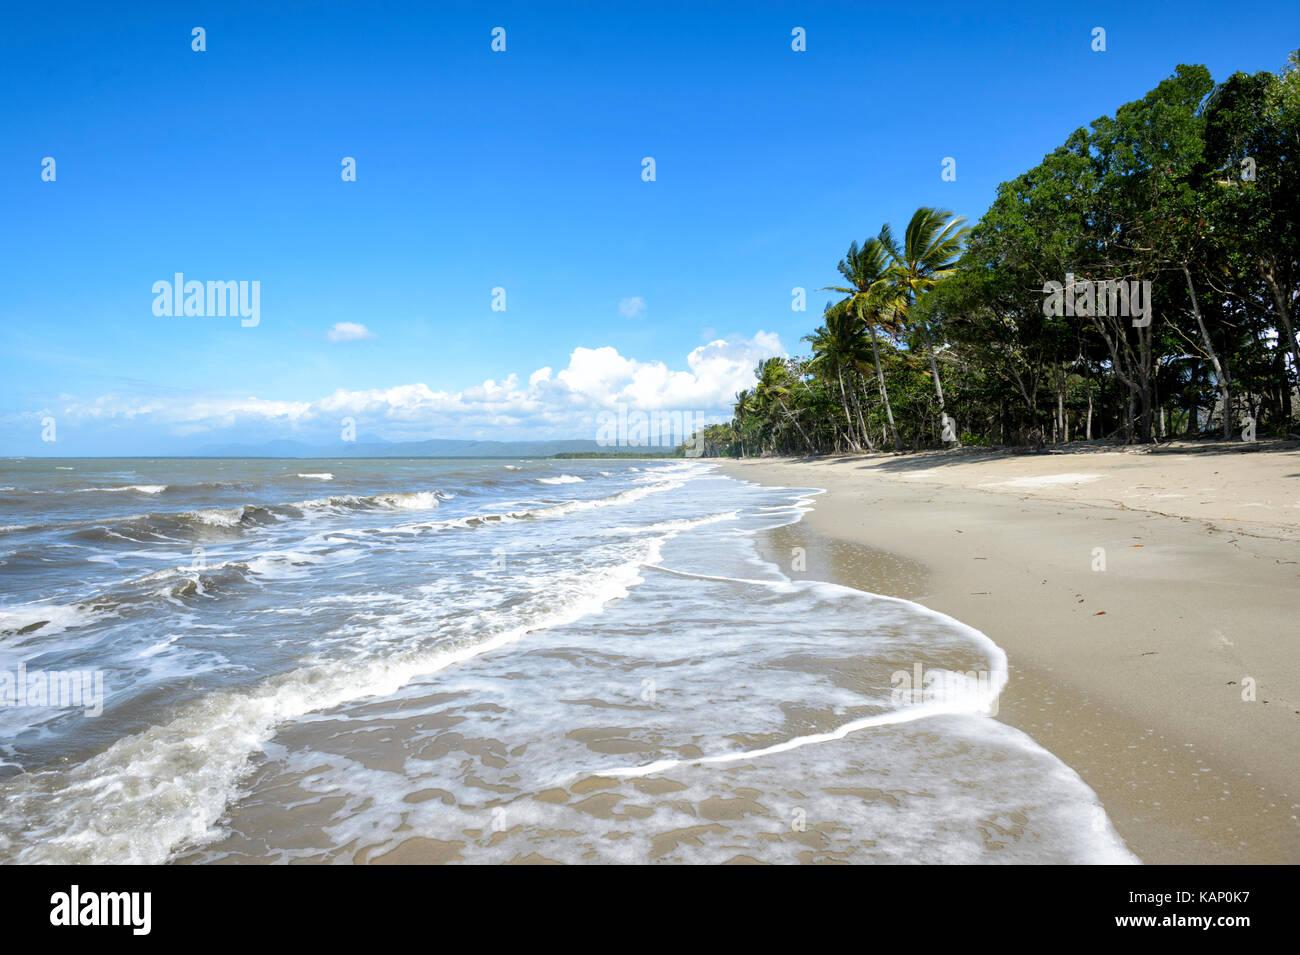 Exotische einsame Sandstrand, Newell Strand, Far North Queensland, FNQ, QLD, Australien Stockbild